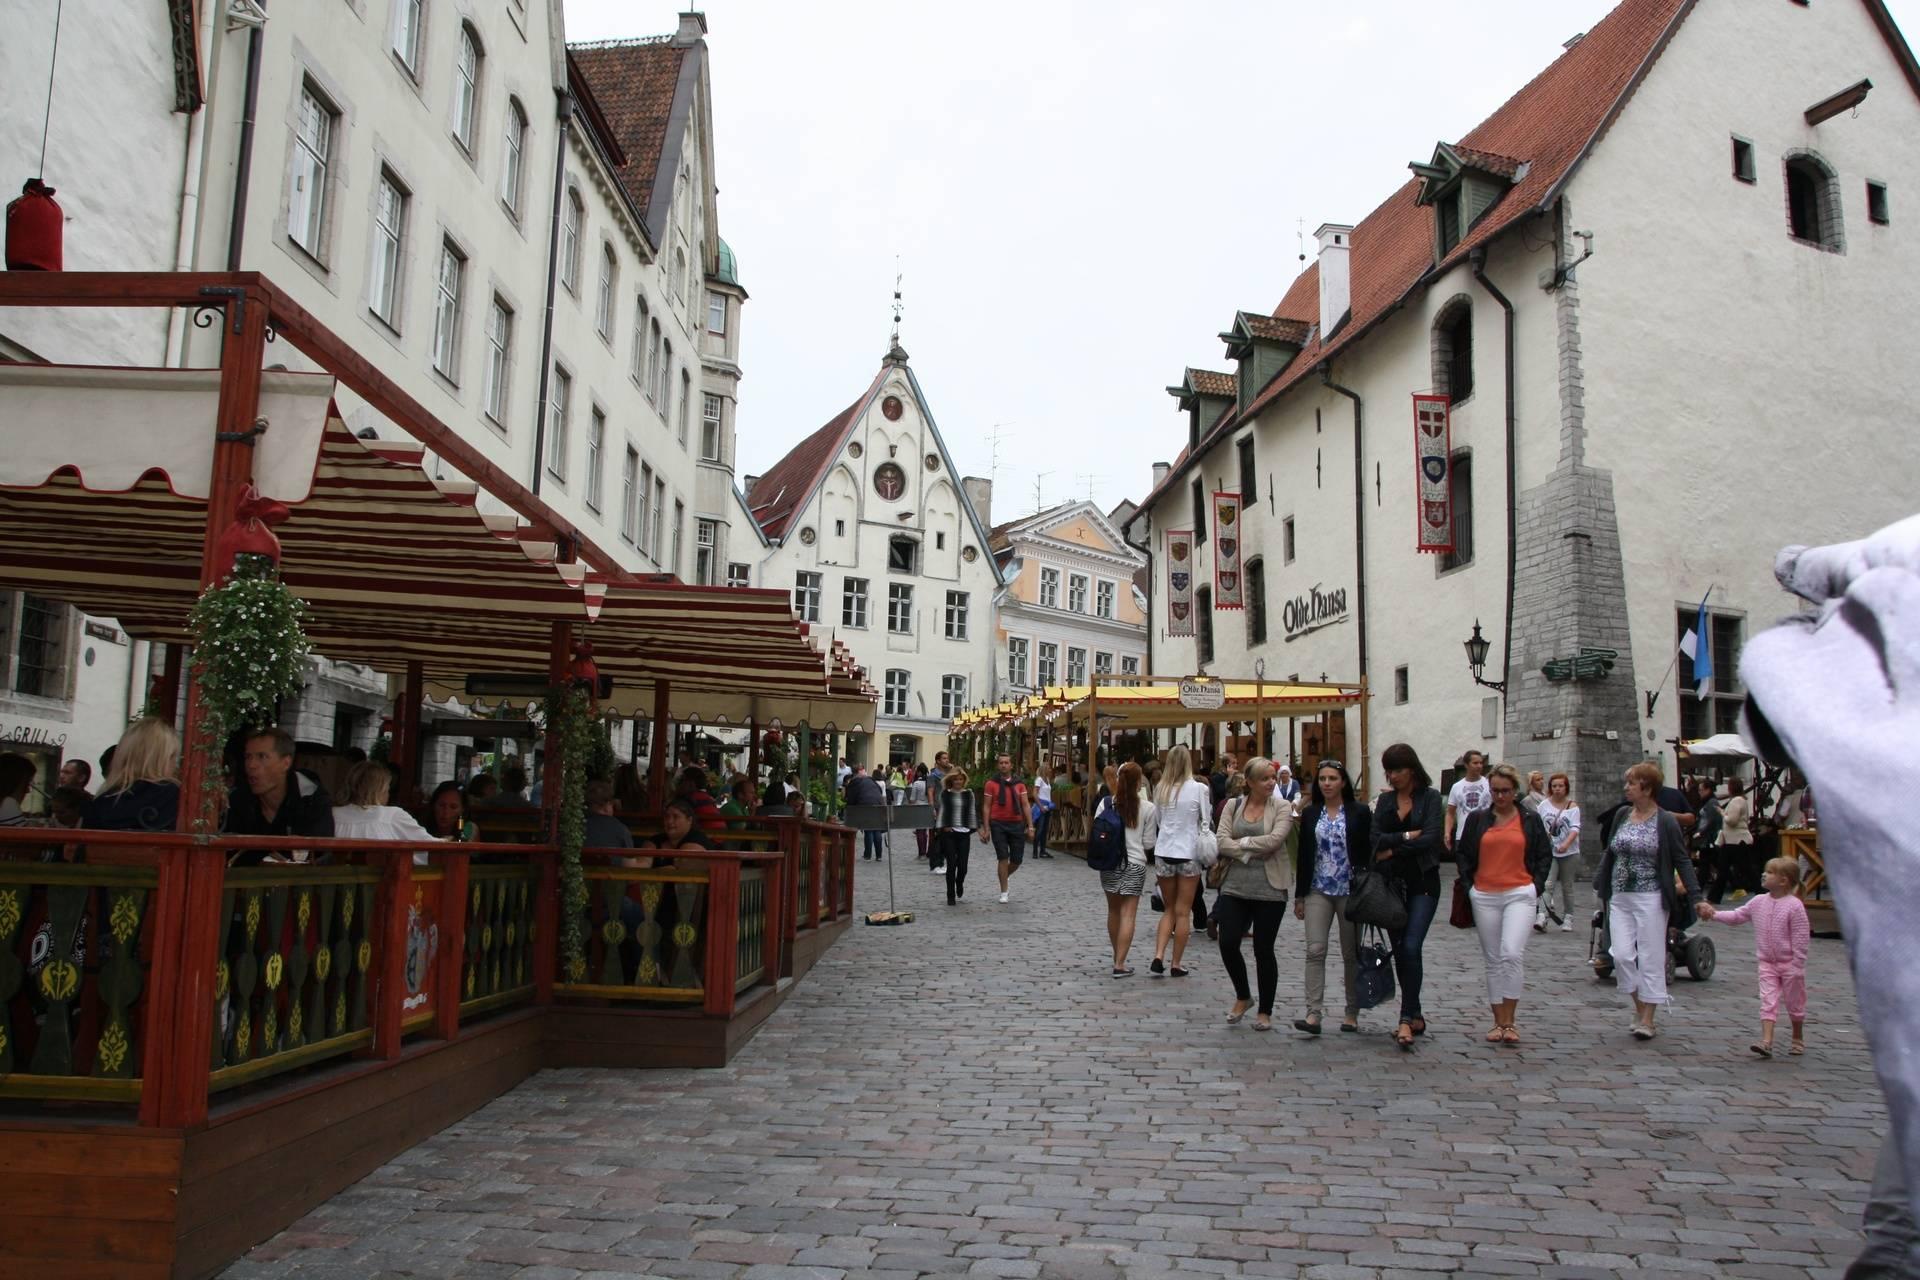 Centre of Old Town, Tallinn, Estonia